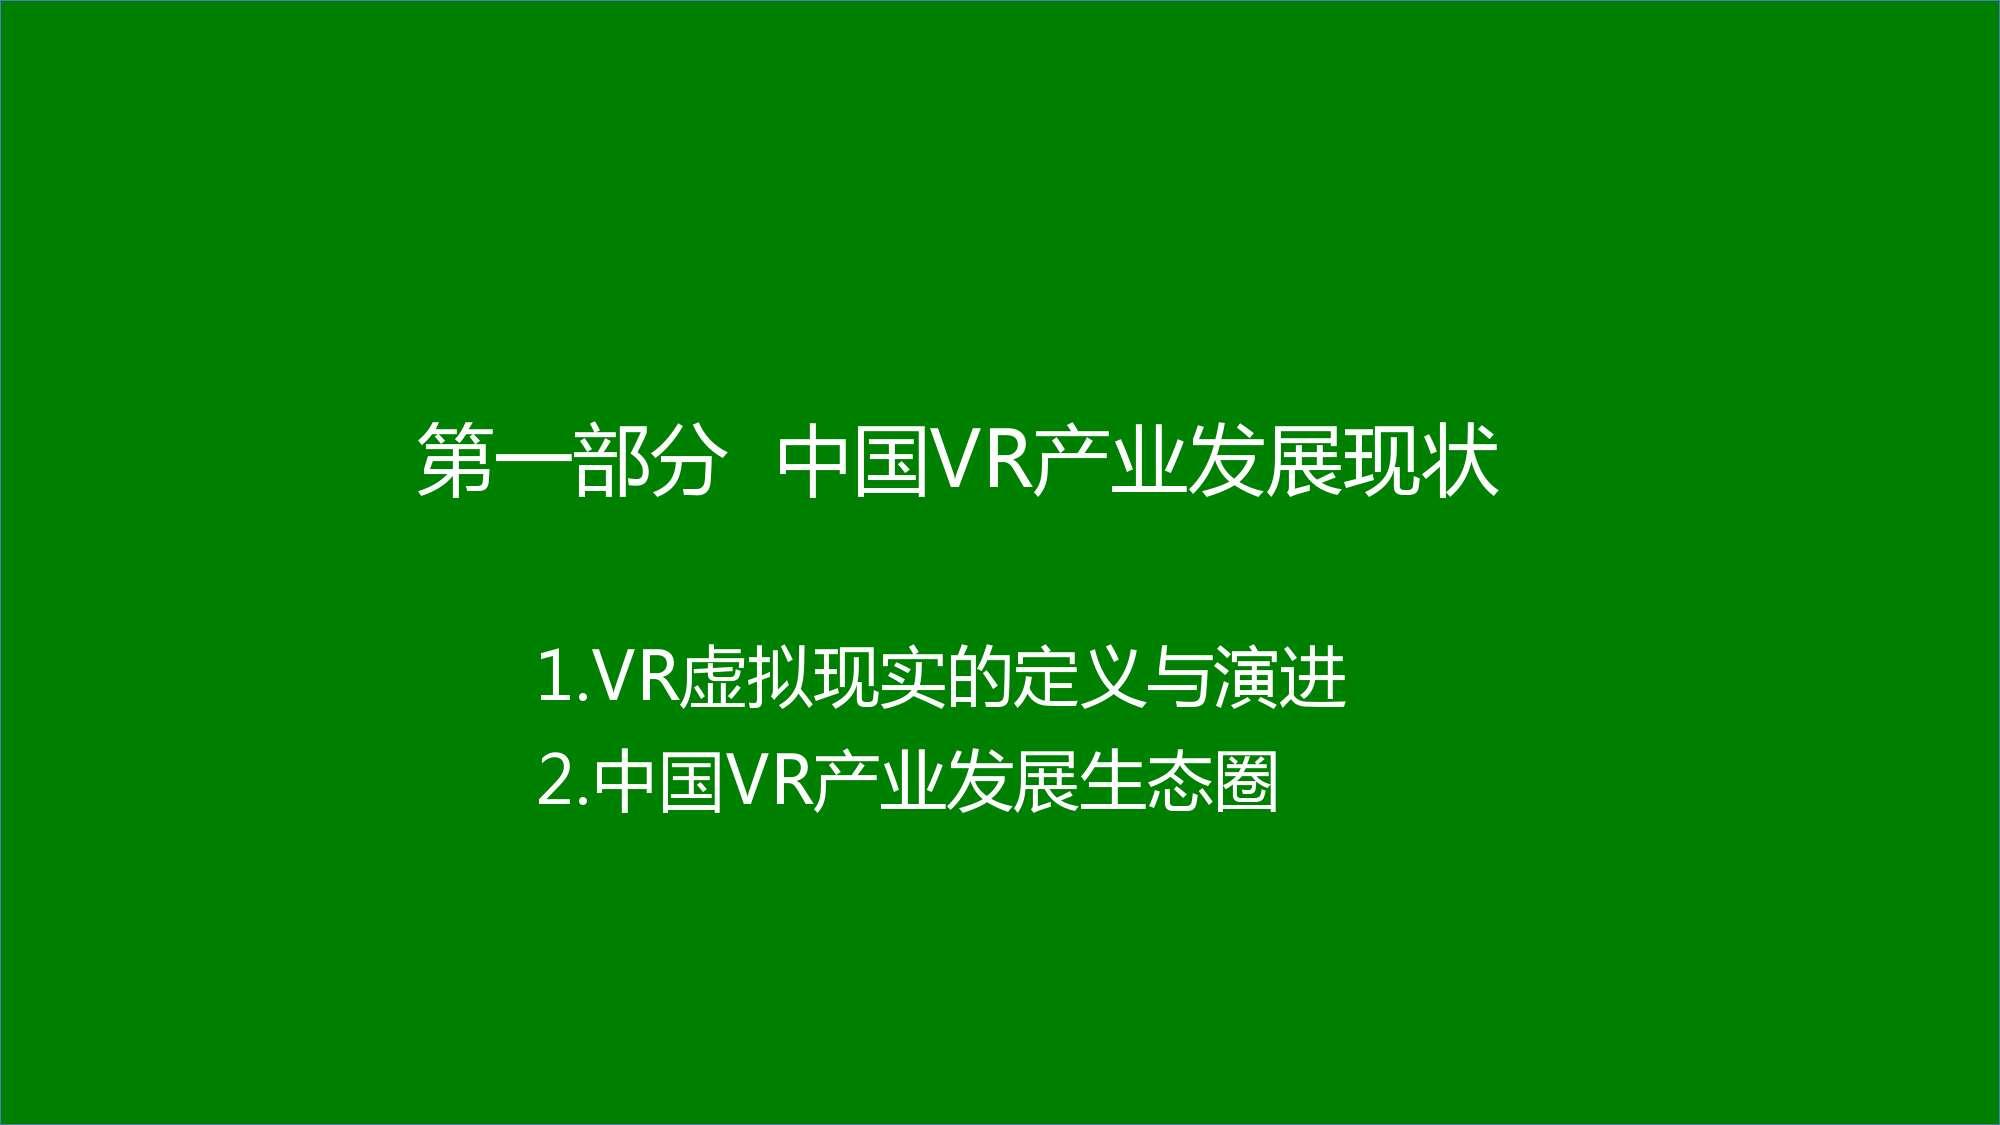 中国VR用户行为研究报告_000003